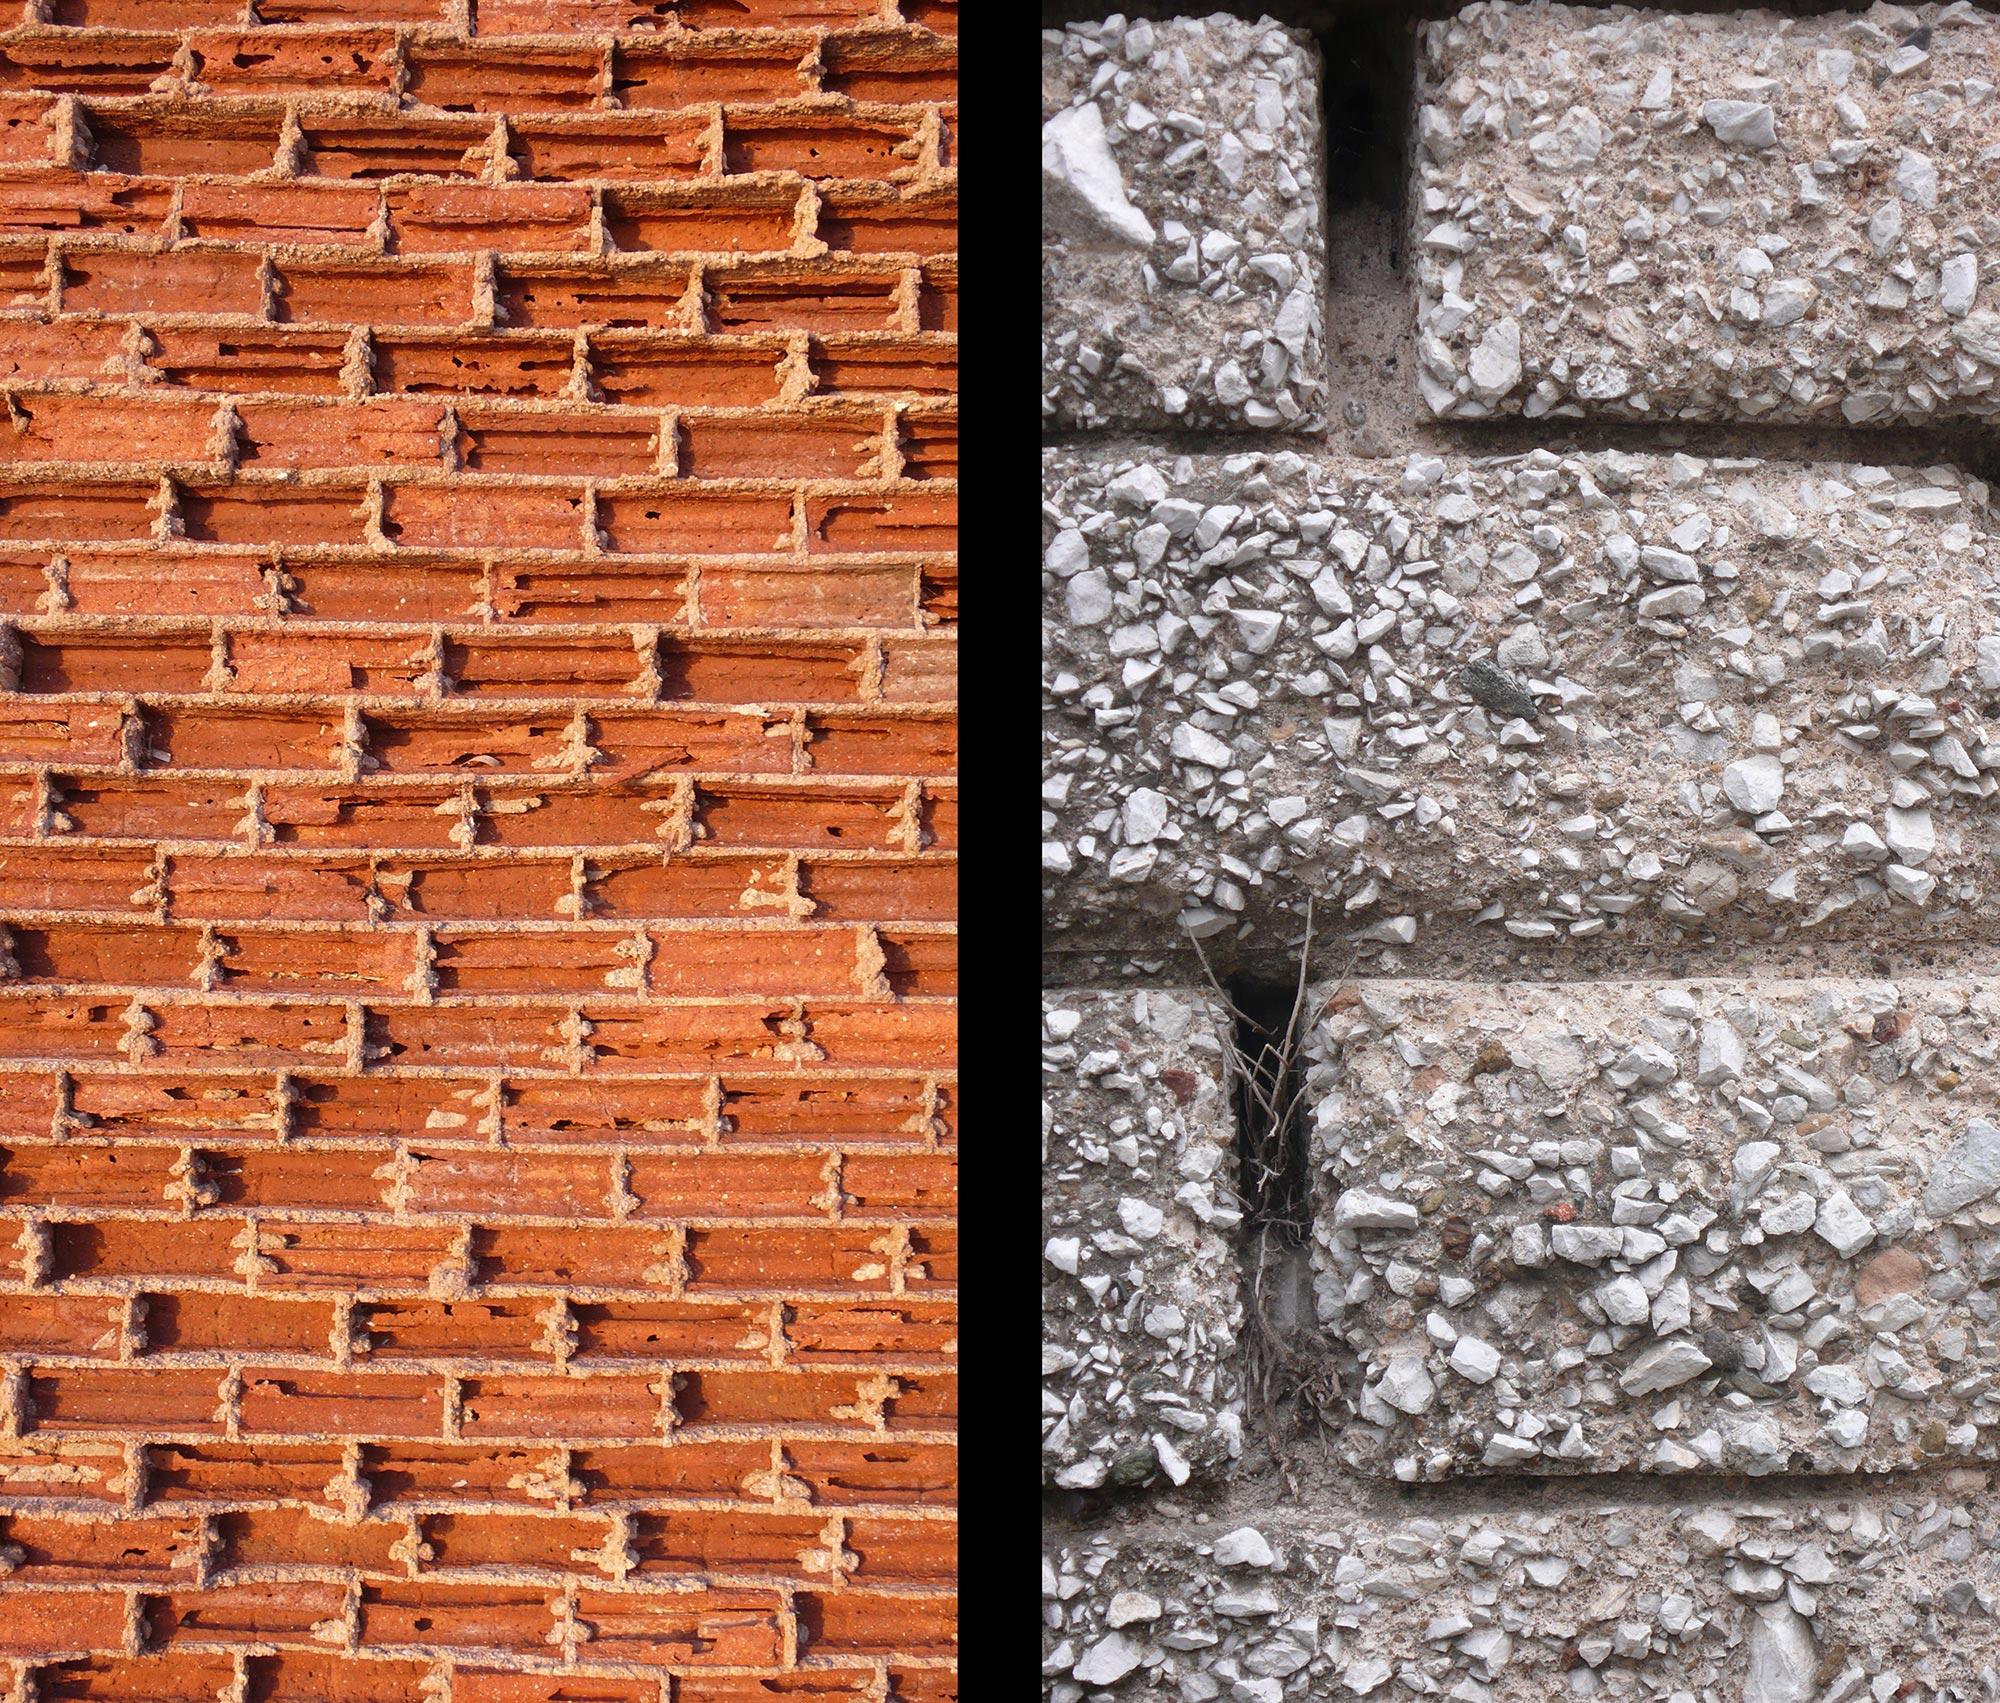 Η συνθετική αξία της λεπτομέρειας στην αρχιτεκτονική